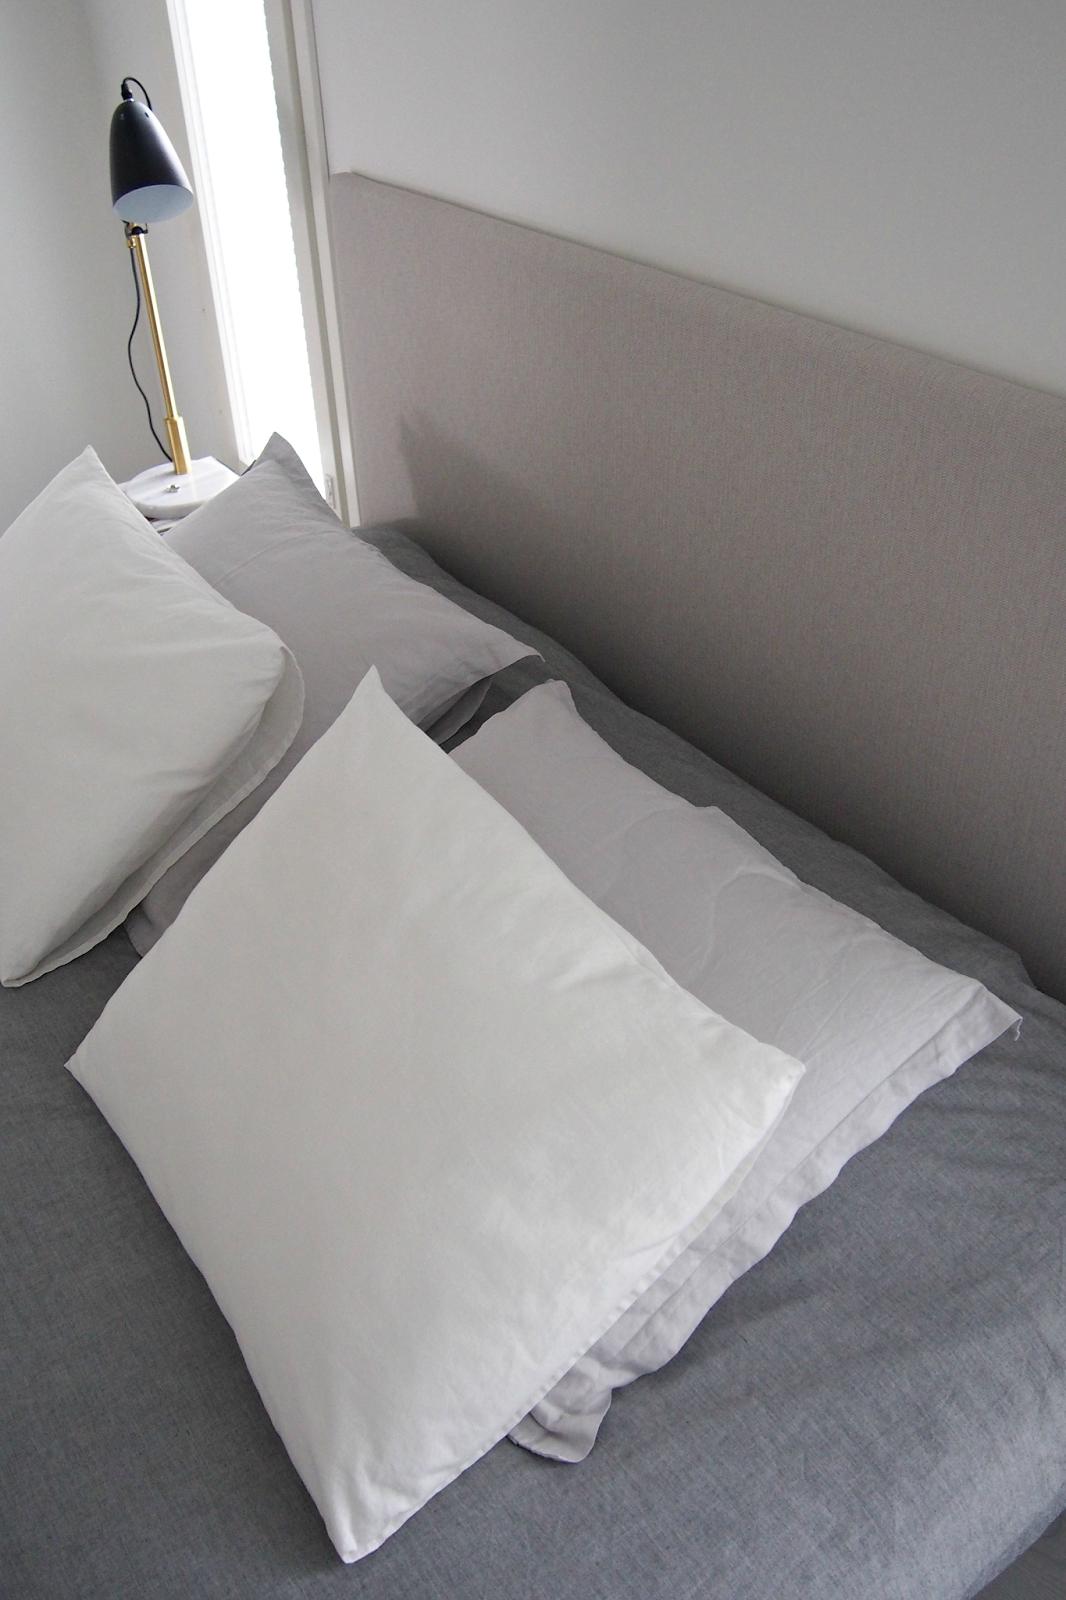 Hannas Home / bedroom / Familon Jousto headboard / Ellos Preston table lamp